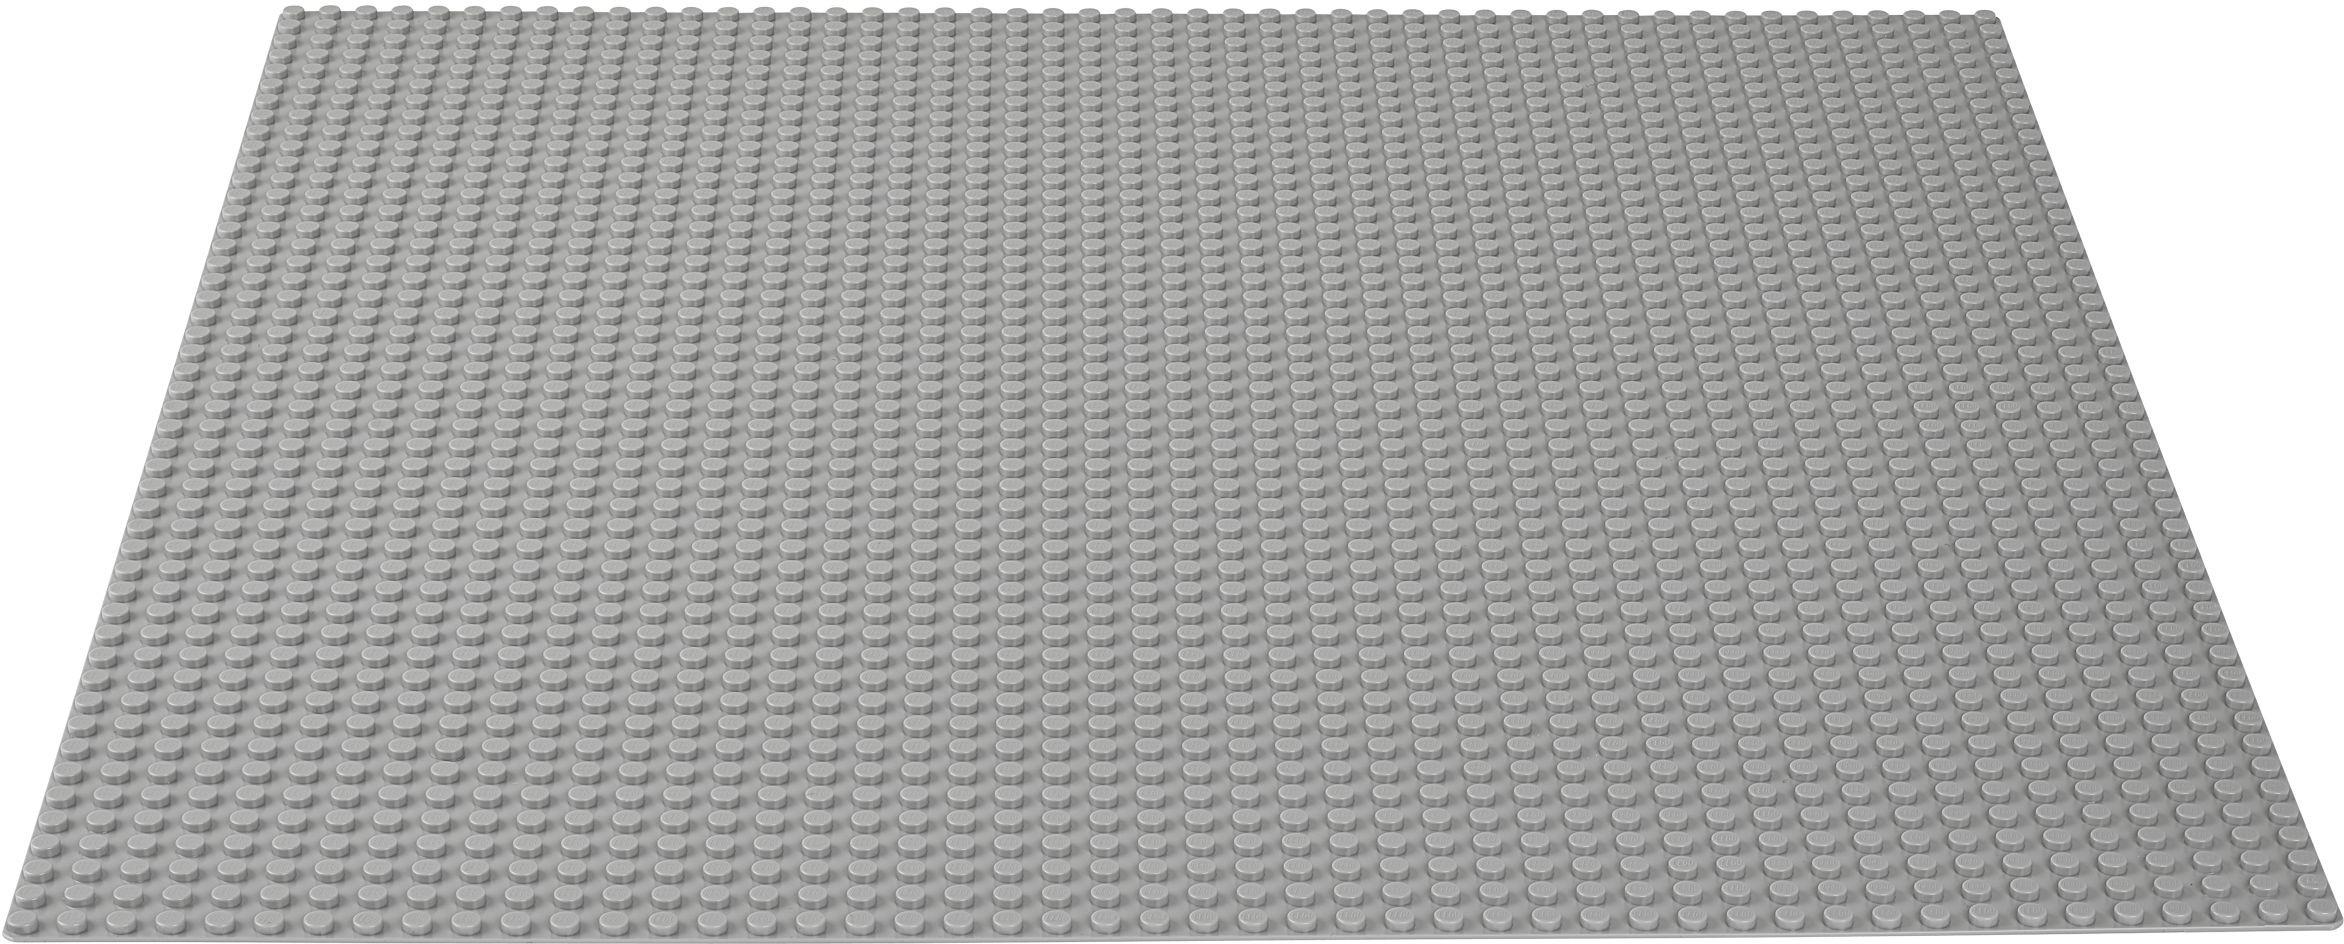 Classic 2015 Brickset Lego Set Guide And Database